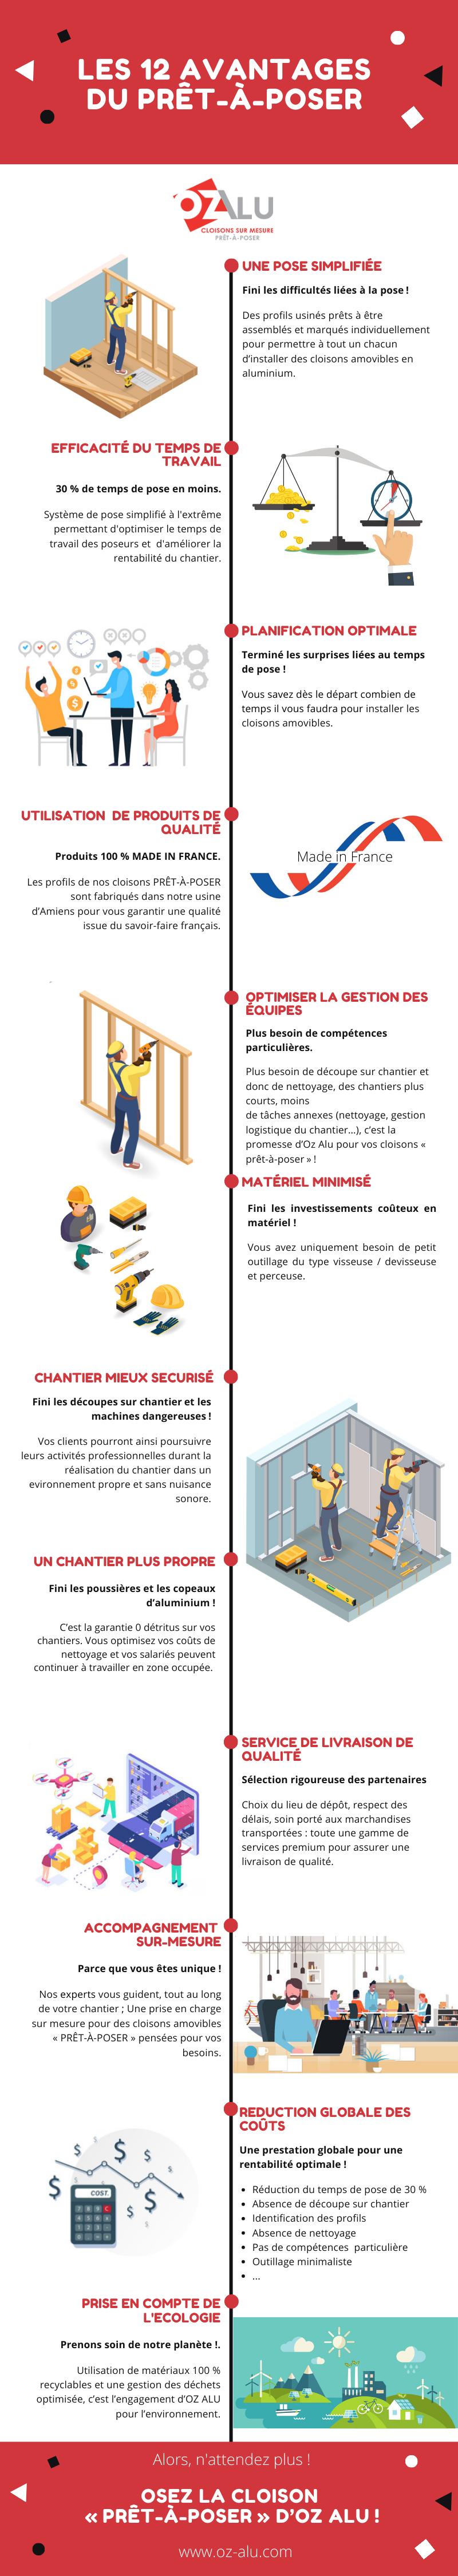 infographie - les 12 avantages du pret-a-poser